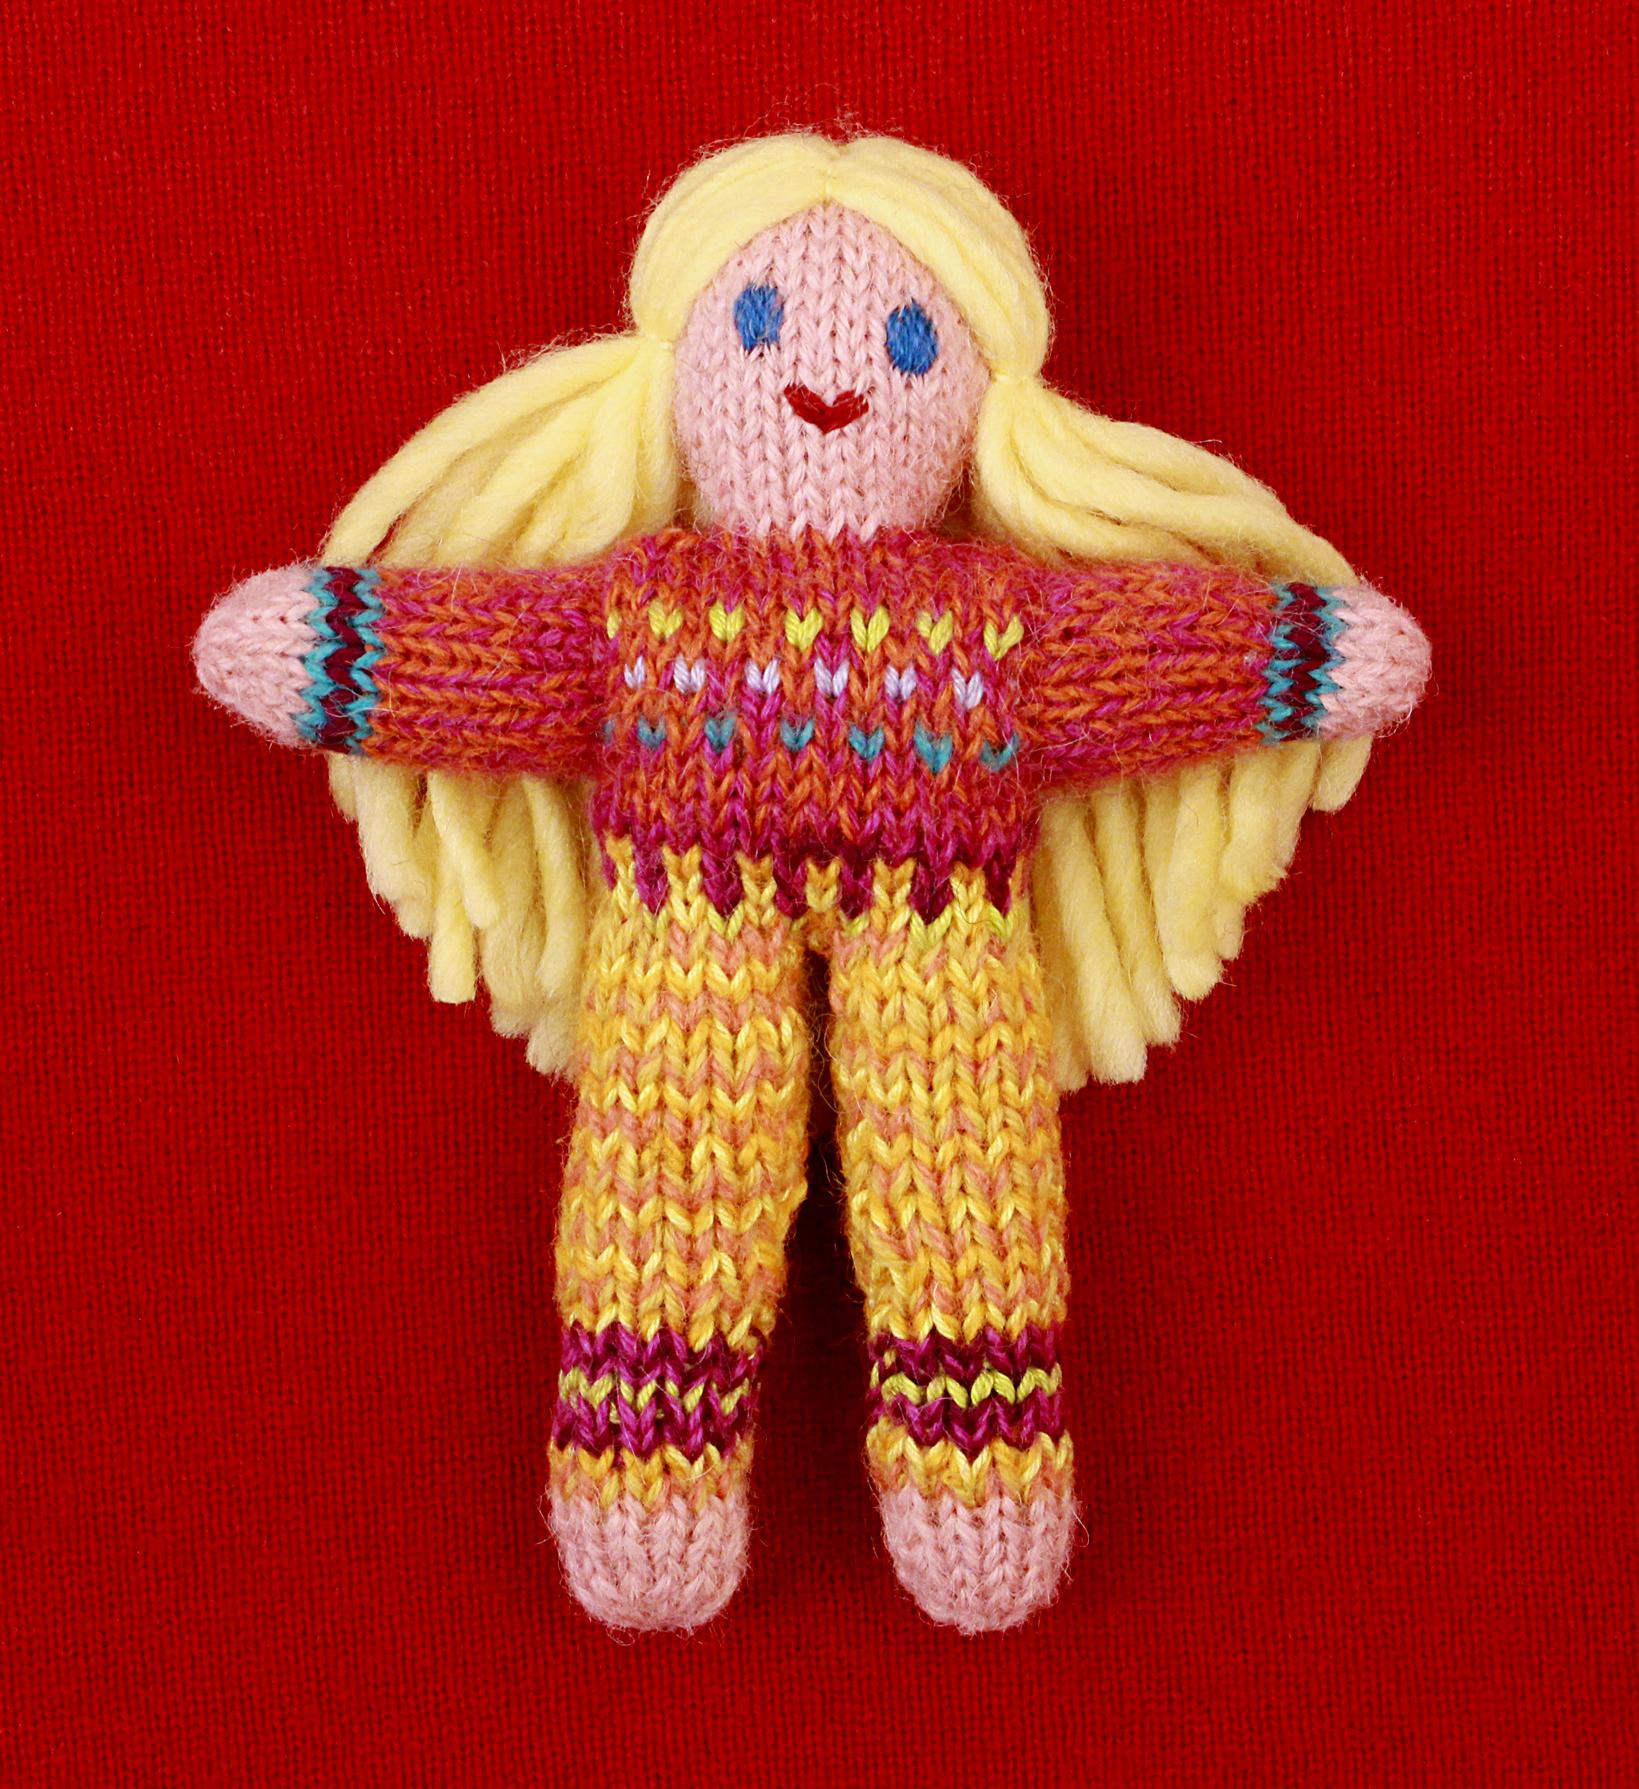 Wee Woolie doll #D0231.